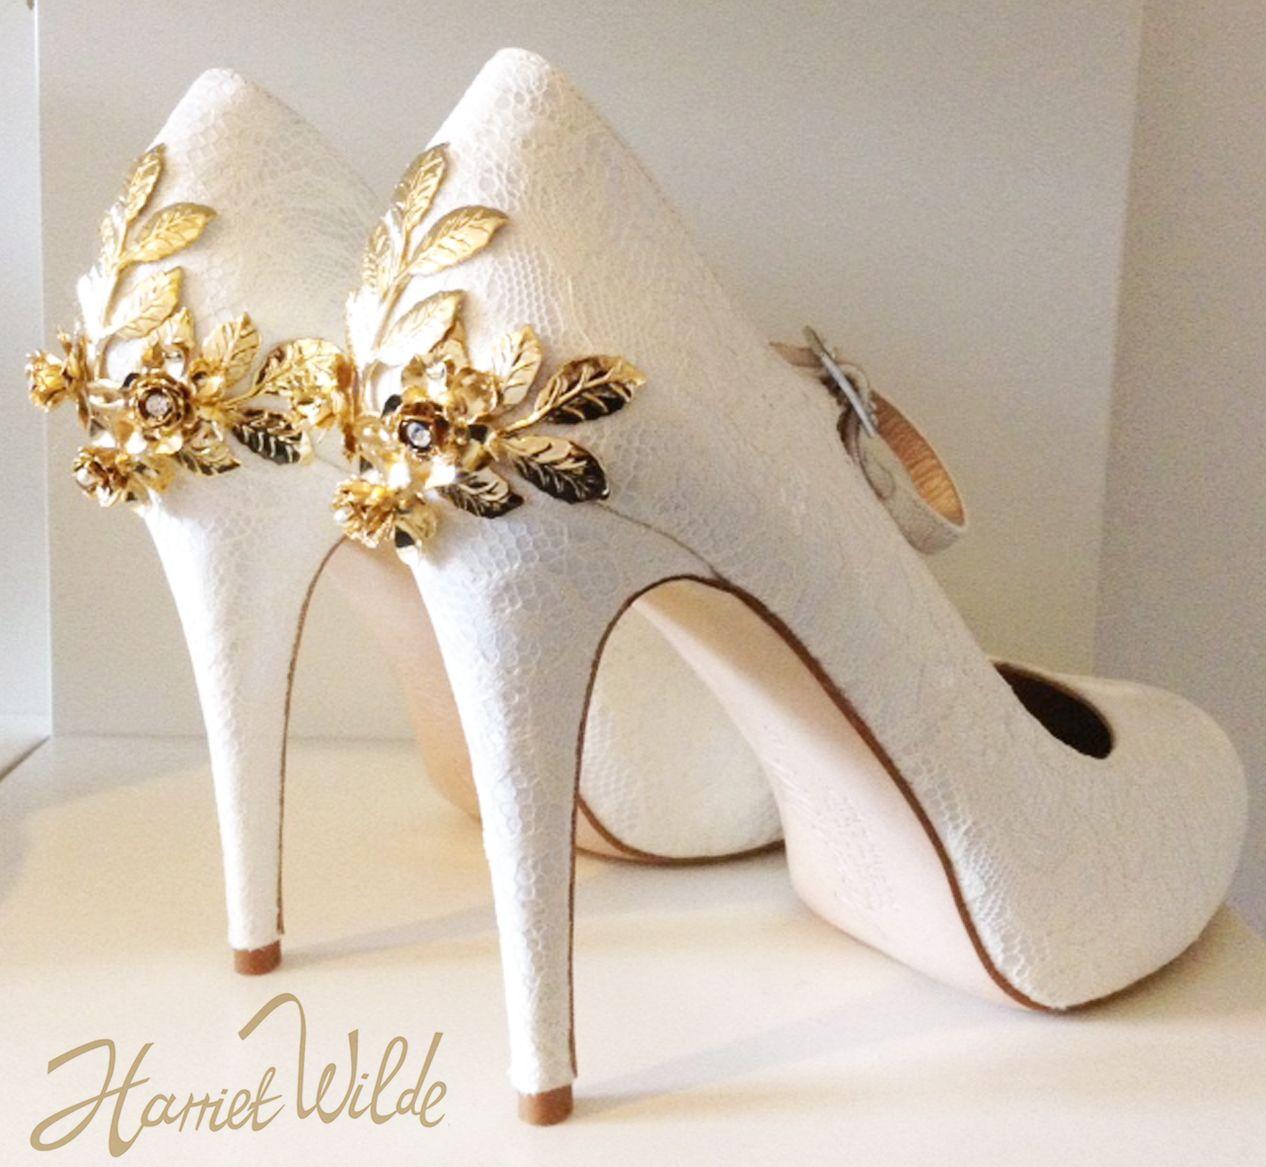 Martha Bespoke Harriet Wilde Wedding Shoes Price On Request Visit Www Harrietwilde